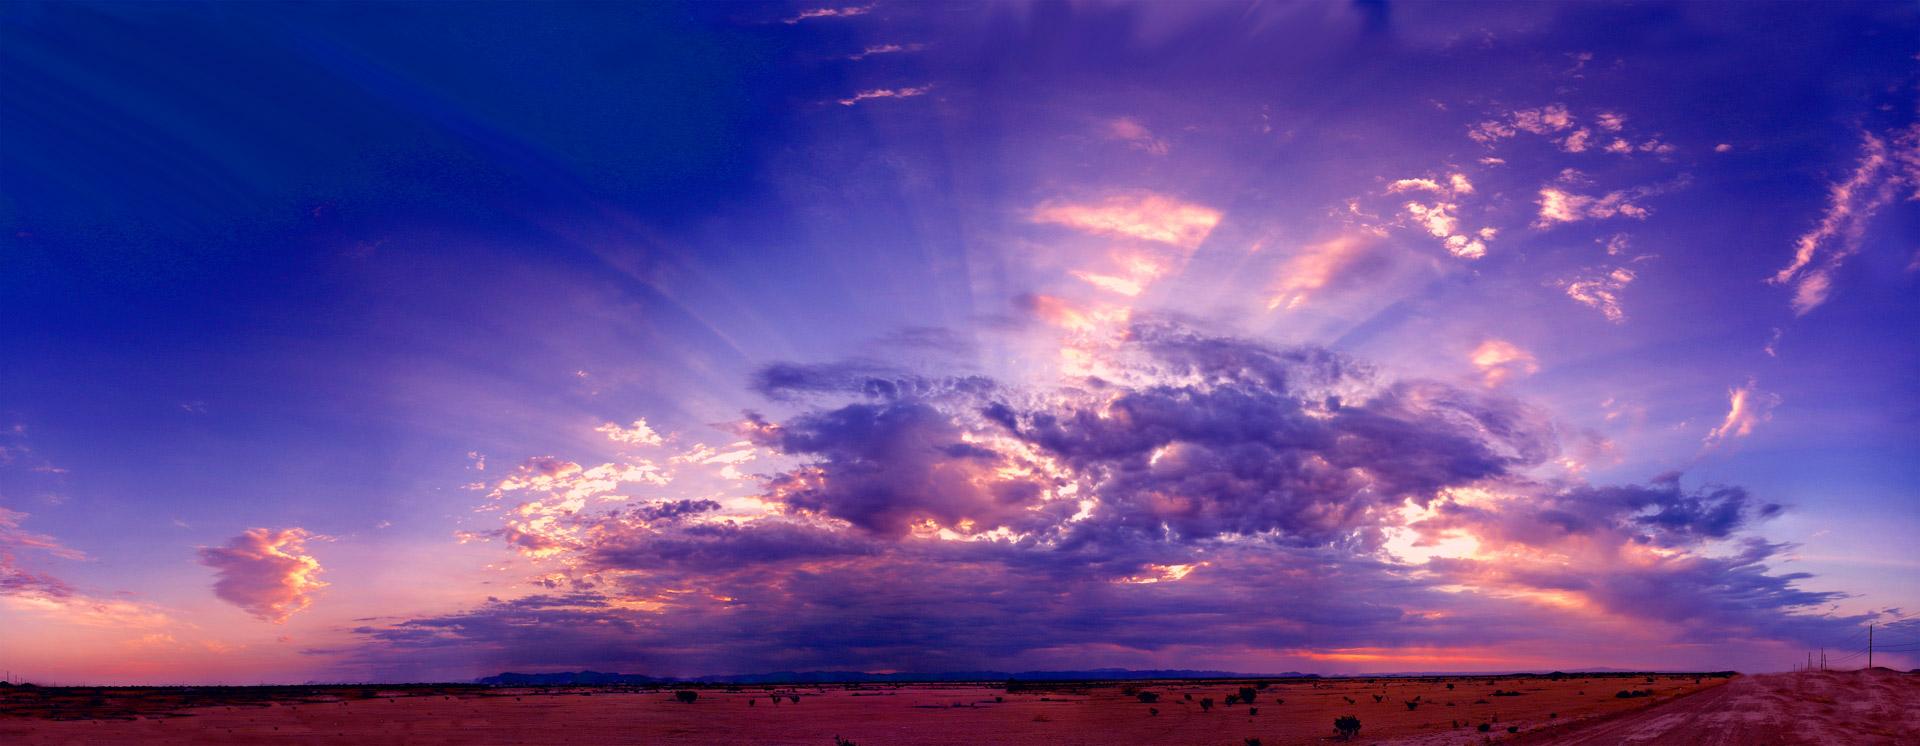 desert-sunrise-fd – FreethoughtDebater.org